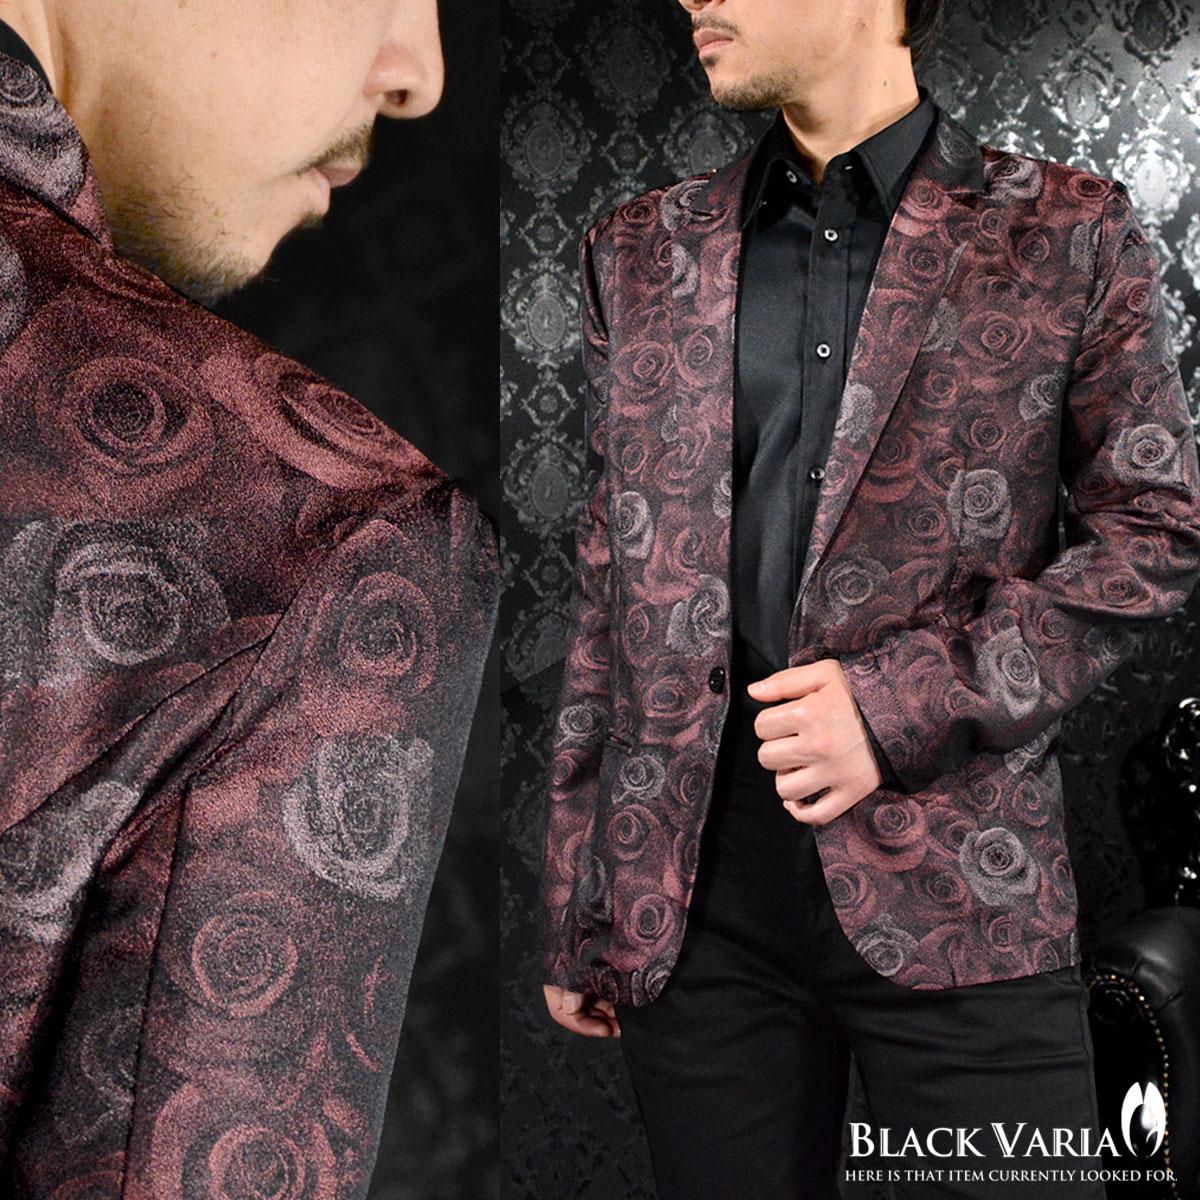 テーラードジャケット 花柄 薔薇柄 メンズ 光沢 日本製 ステージ 衣装 ジャケット mens(ワイン赤レッド) 181201